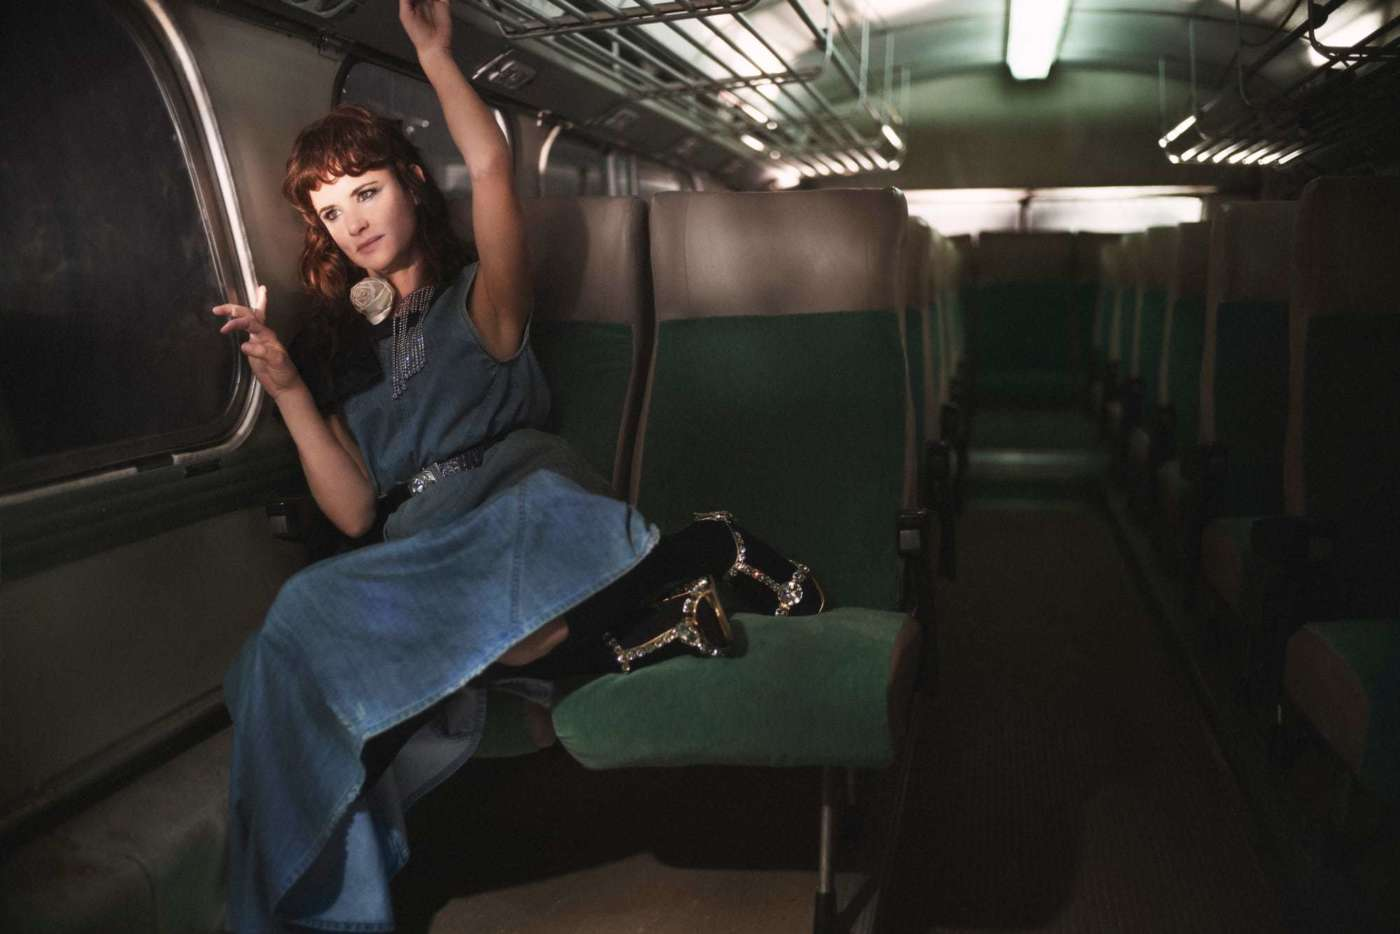 Дочери Мадонны и Умы Турман снялись в рекламной кампании Miu Miu-Фото 6